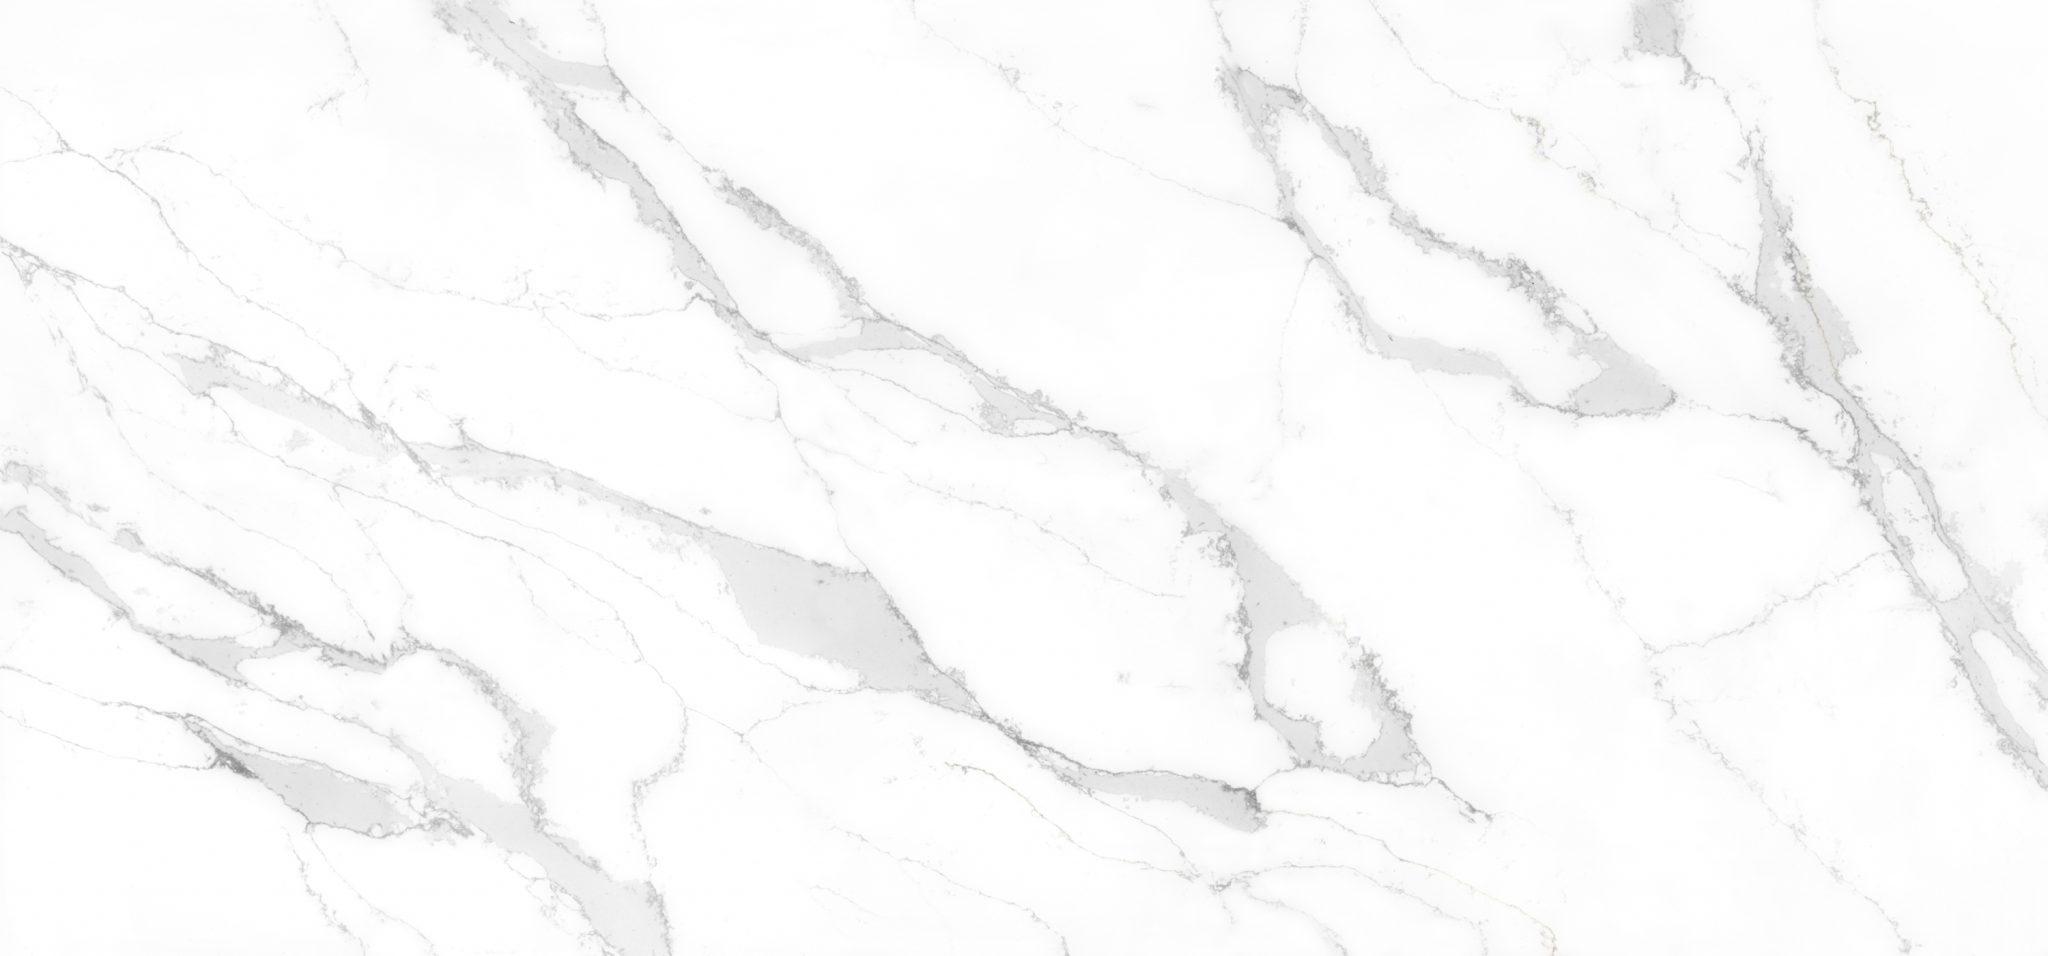 Unique Calacatta Quartz Texture